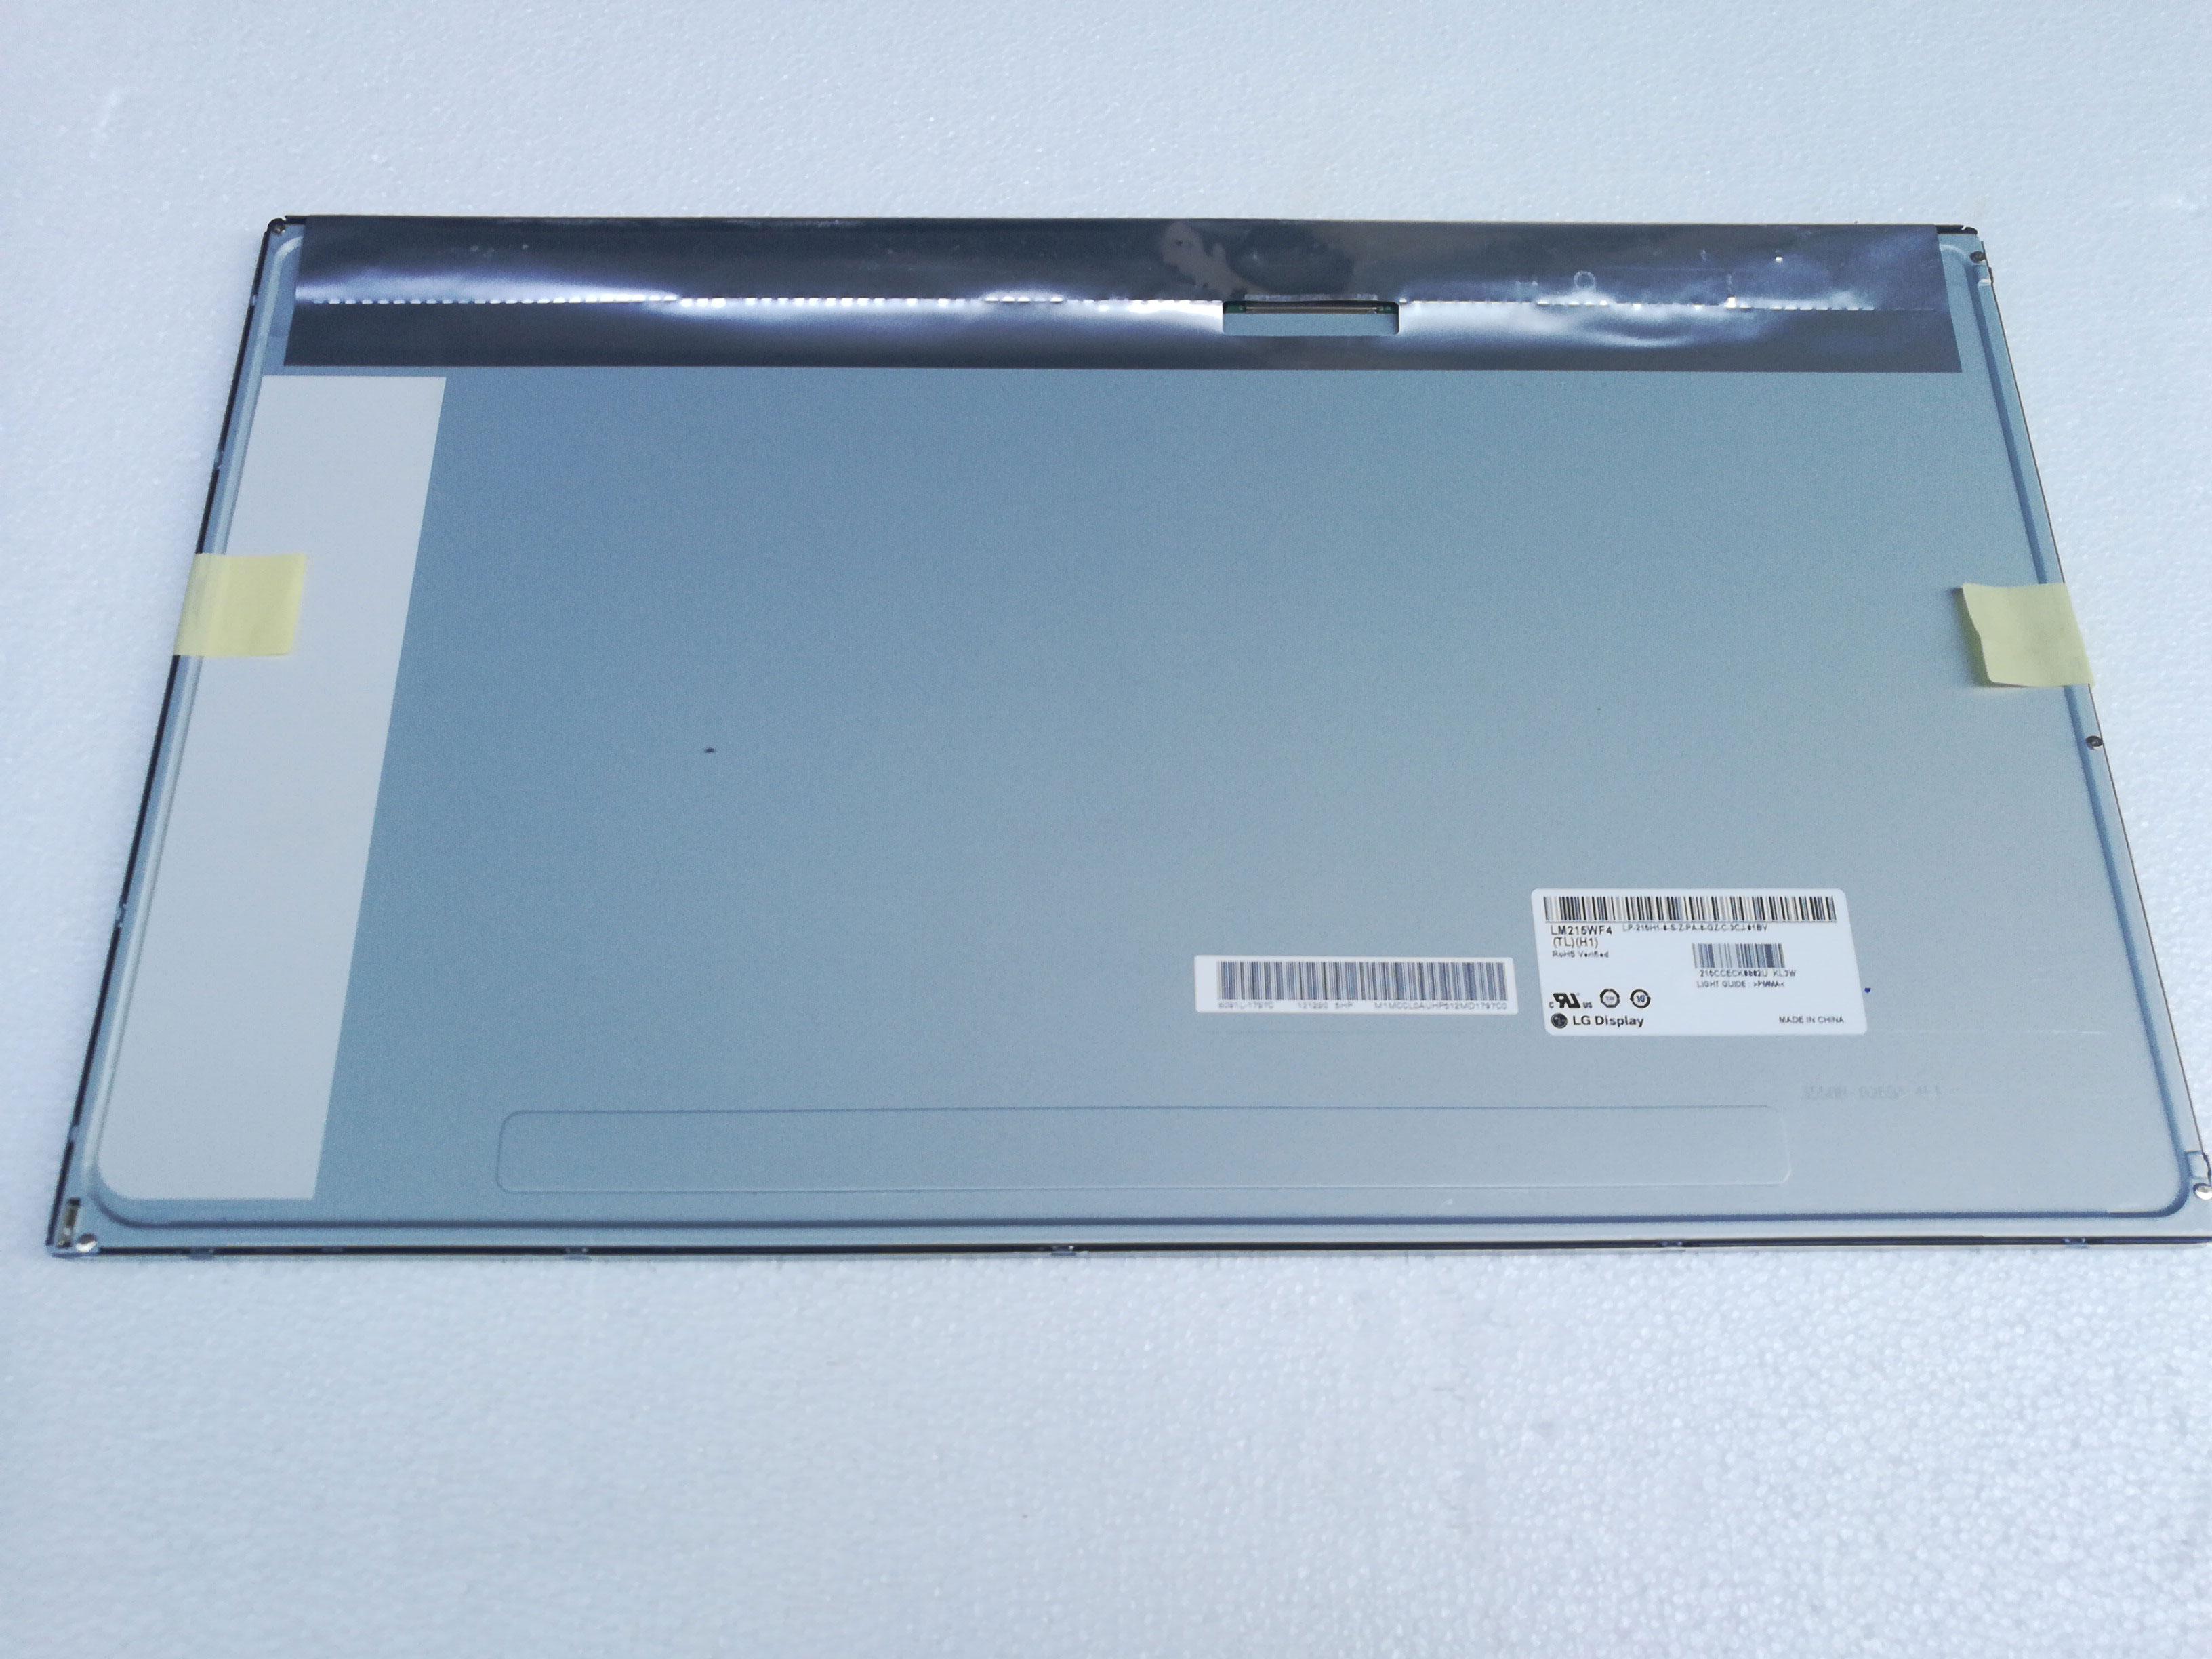 Nuovo Schermo LM215WF4 TLG1 Per Lenovo 21.5 All-In-One C440/C455/B325i/B320iNuovo Schermo LM215WF4 TLG1 Per Lenovo 21.5 All-In-One C440/C455/B325i/B320i